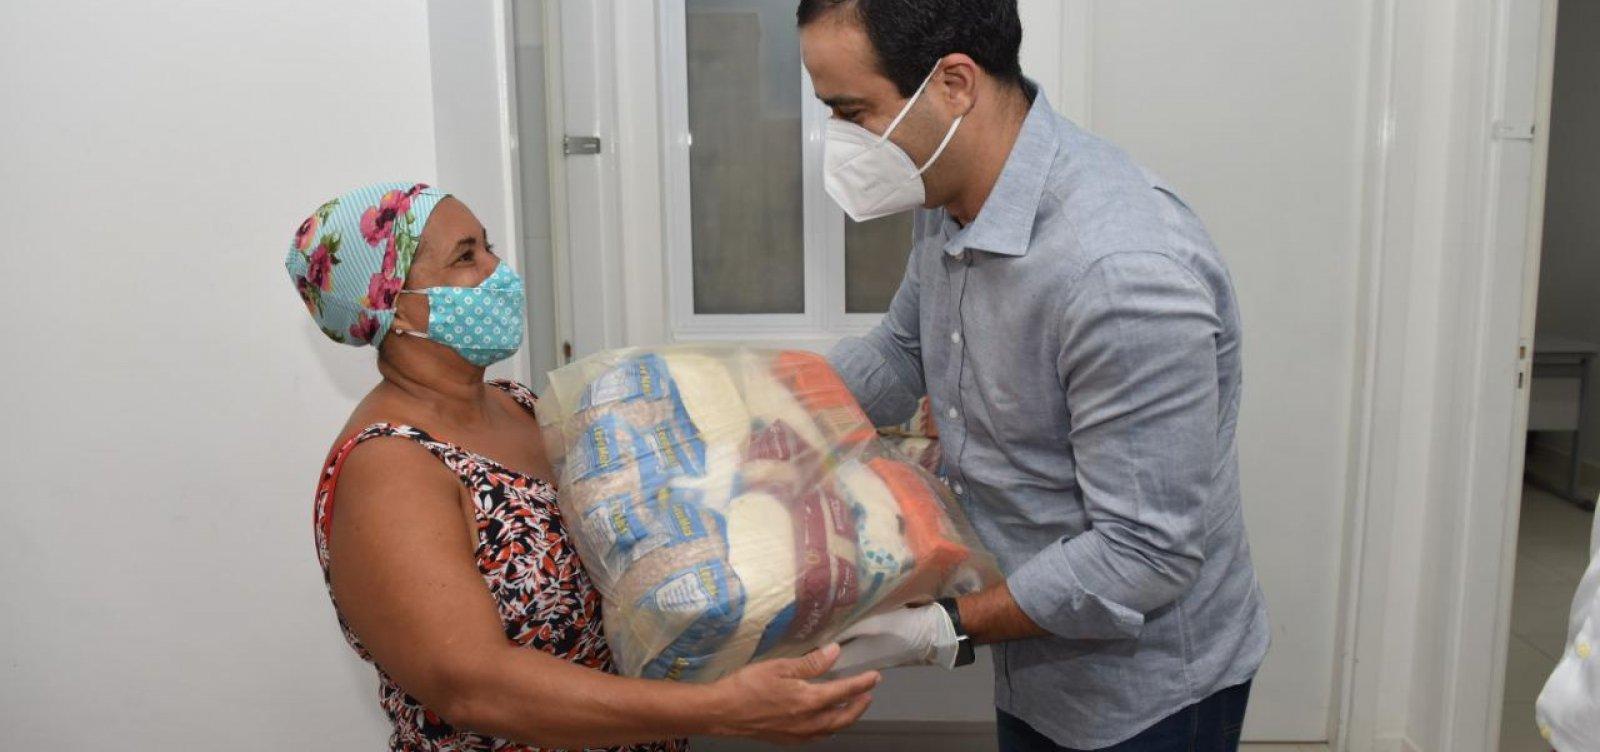 Prefeitura reforçará entrega de cestas para pessoas em situação de vulnerabilidade